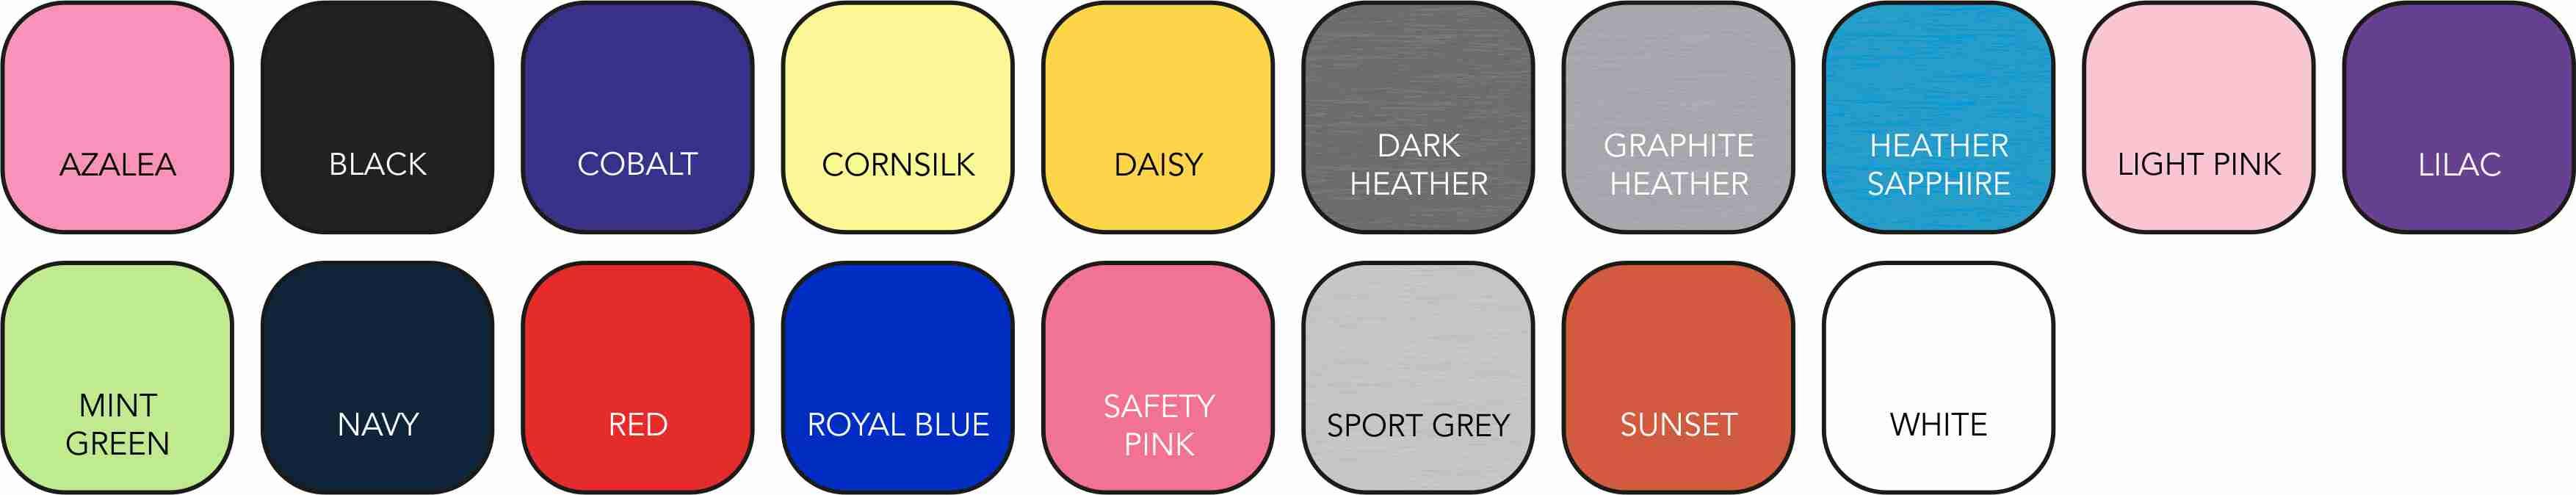 GD005 Ladies' Colour Range